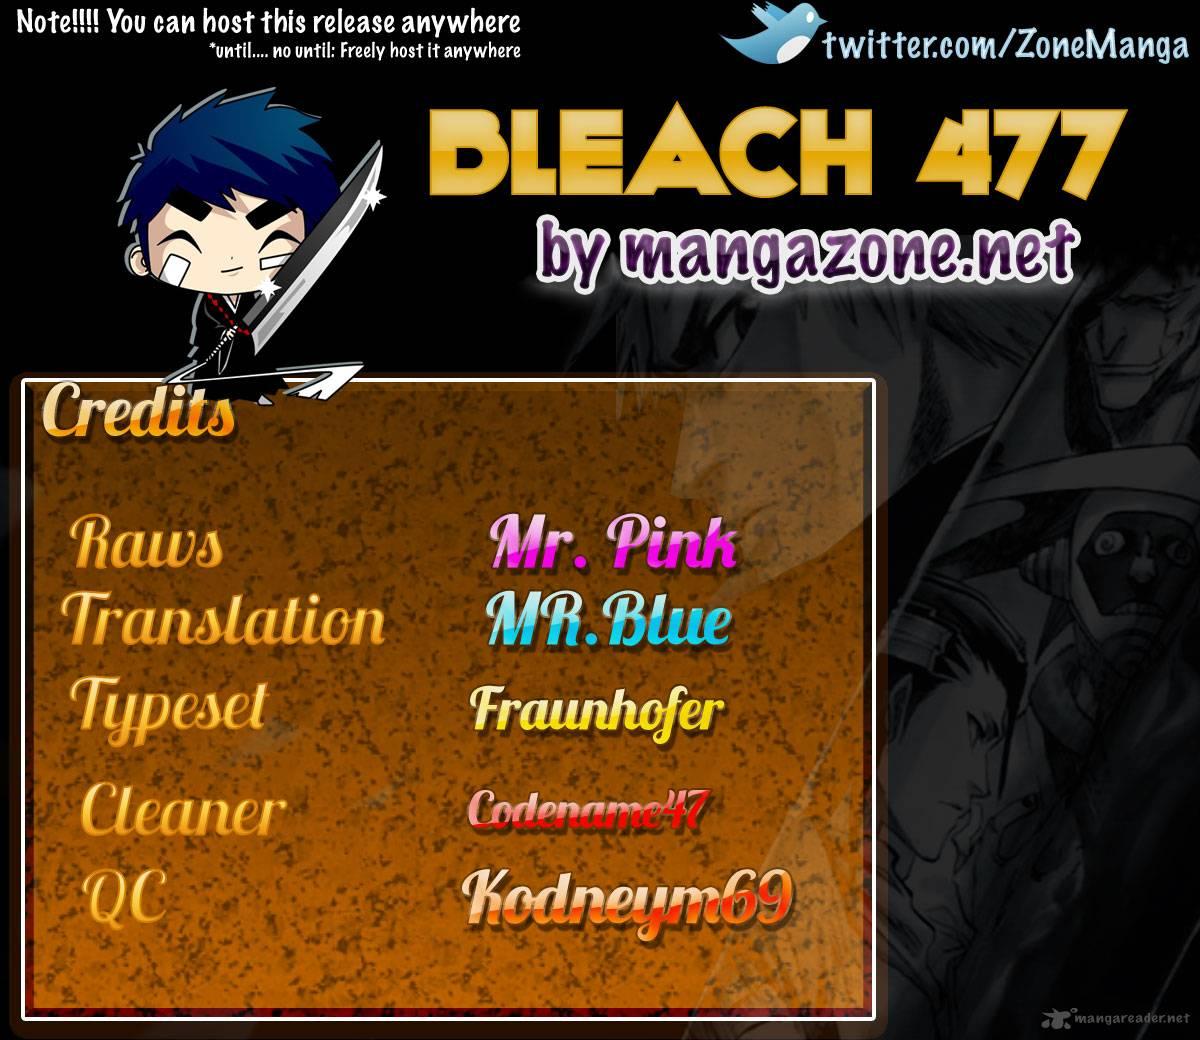 Bleach 477